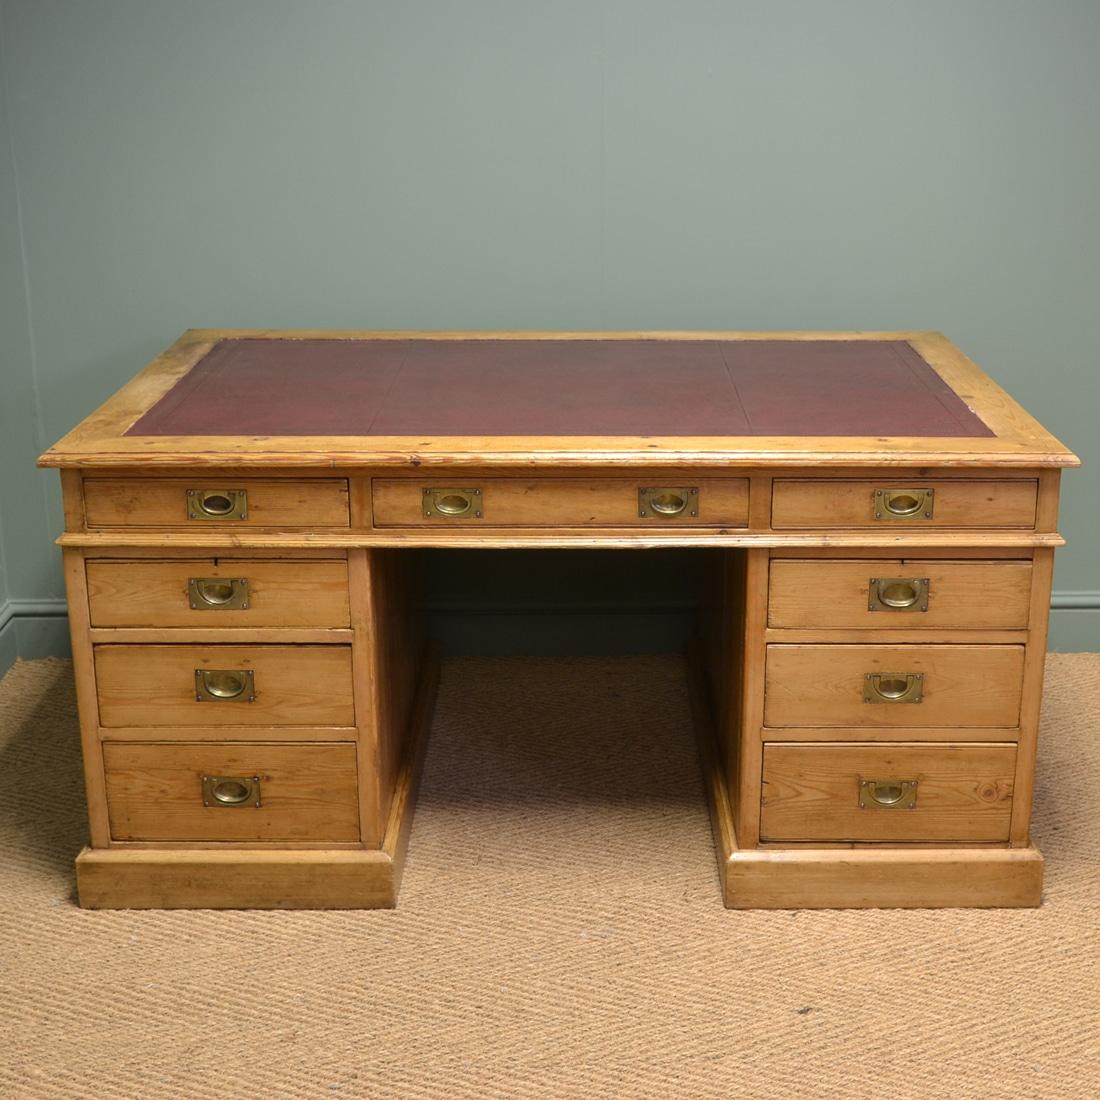 Large Edwardian Antique Pine Pedestal Desk - Large Edwardian Antique Pine Pedestal Desk - Antiques World